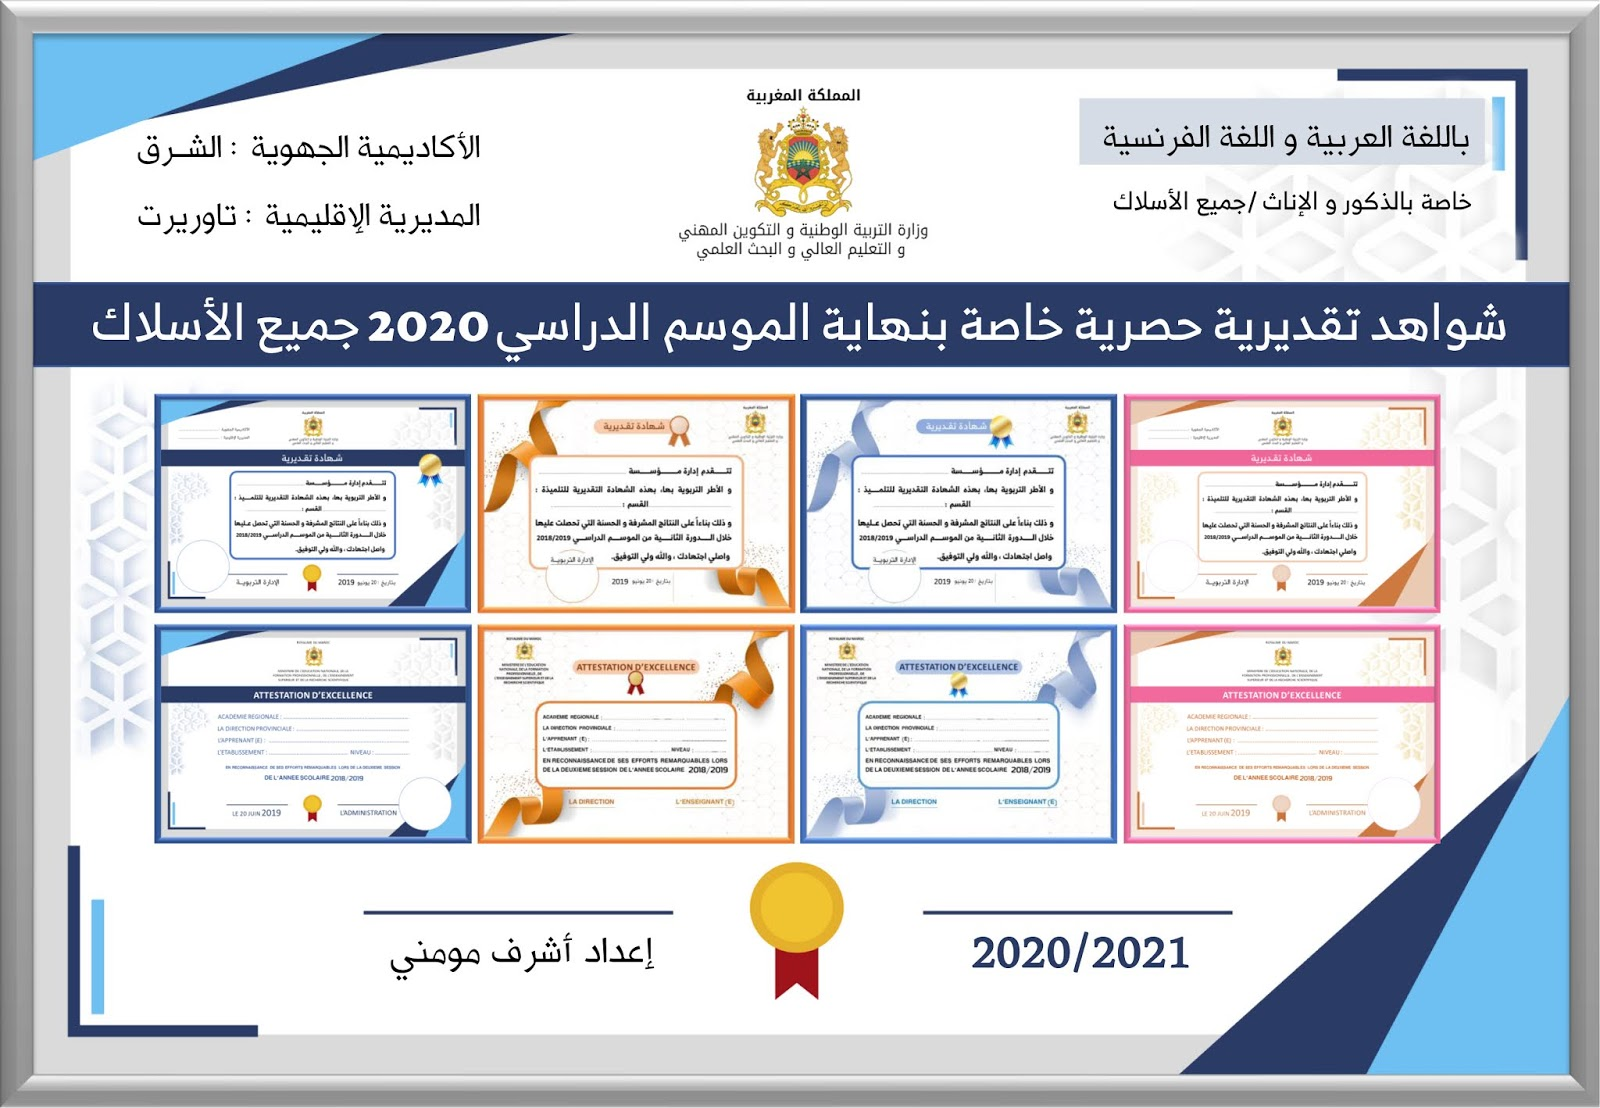 شواهد تقديرية للتلميذات و التلاميذ المتفوقين جميع الأسلاك التعليمية نسخة 2020- 2021